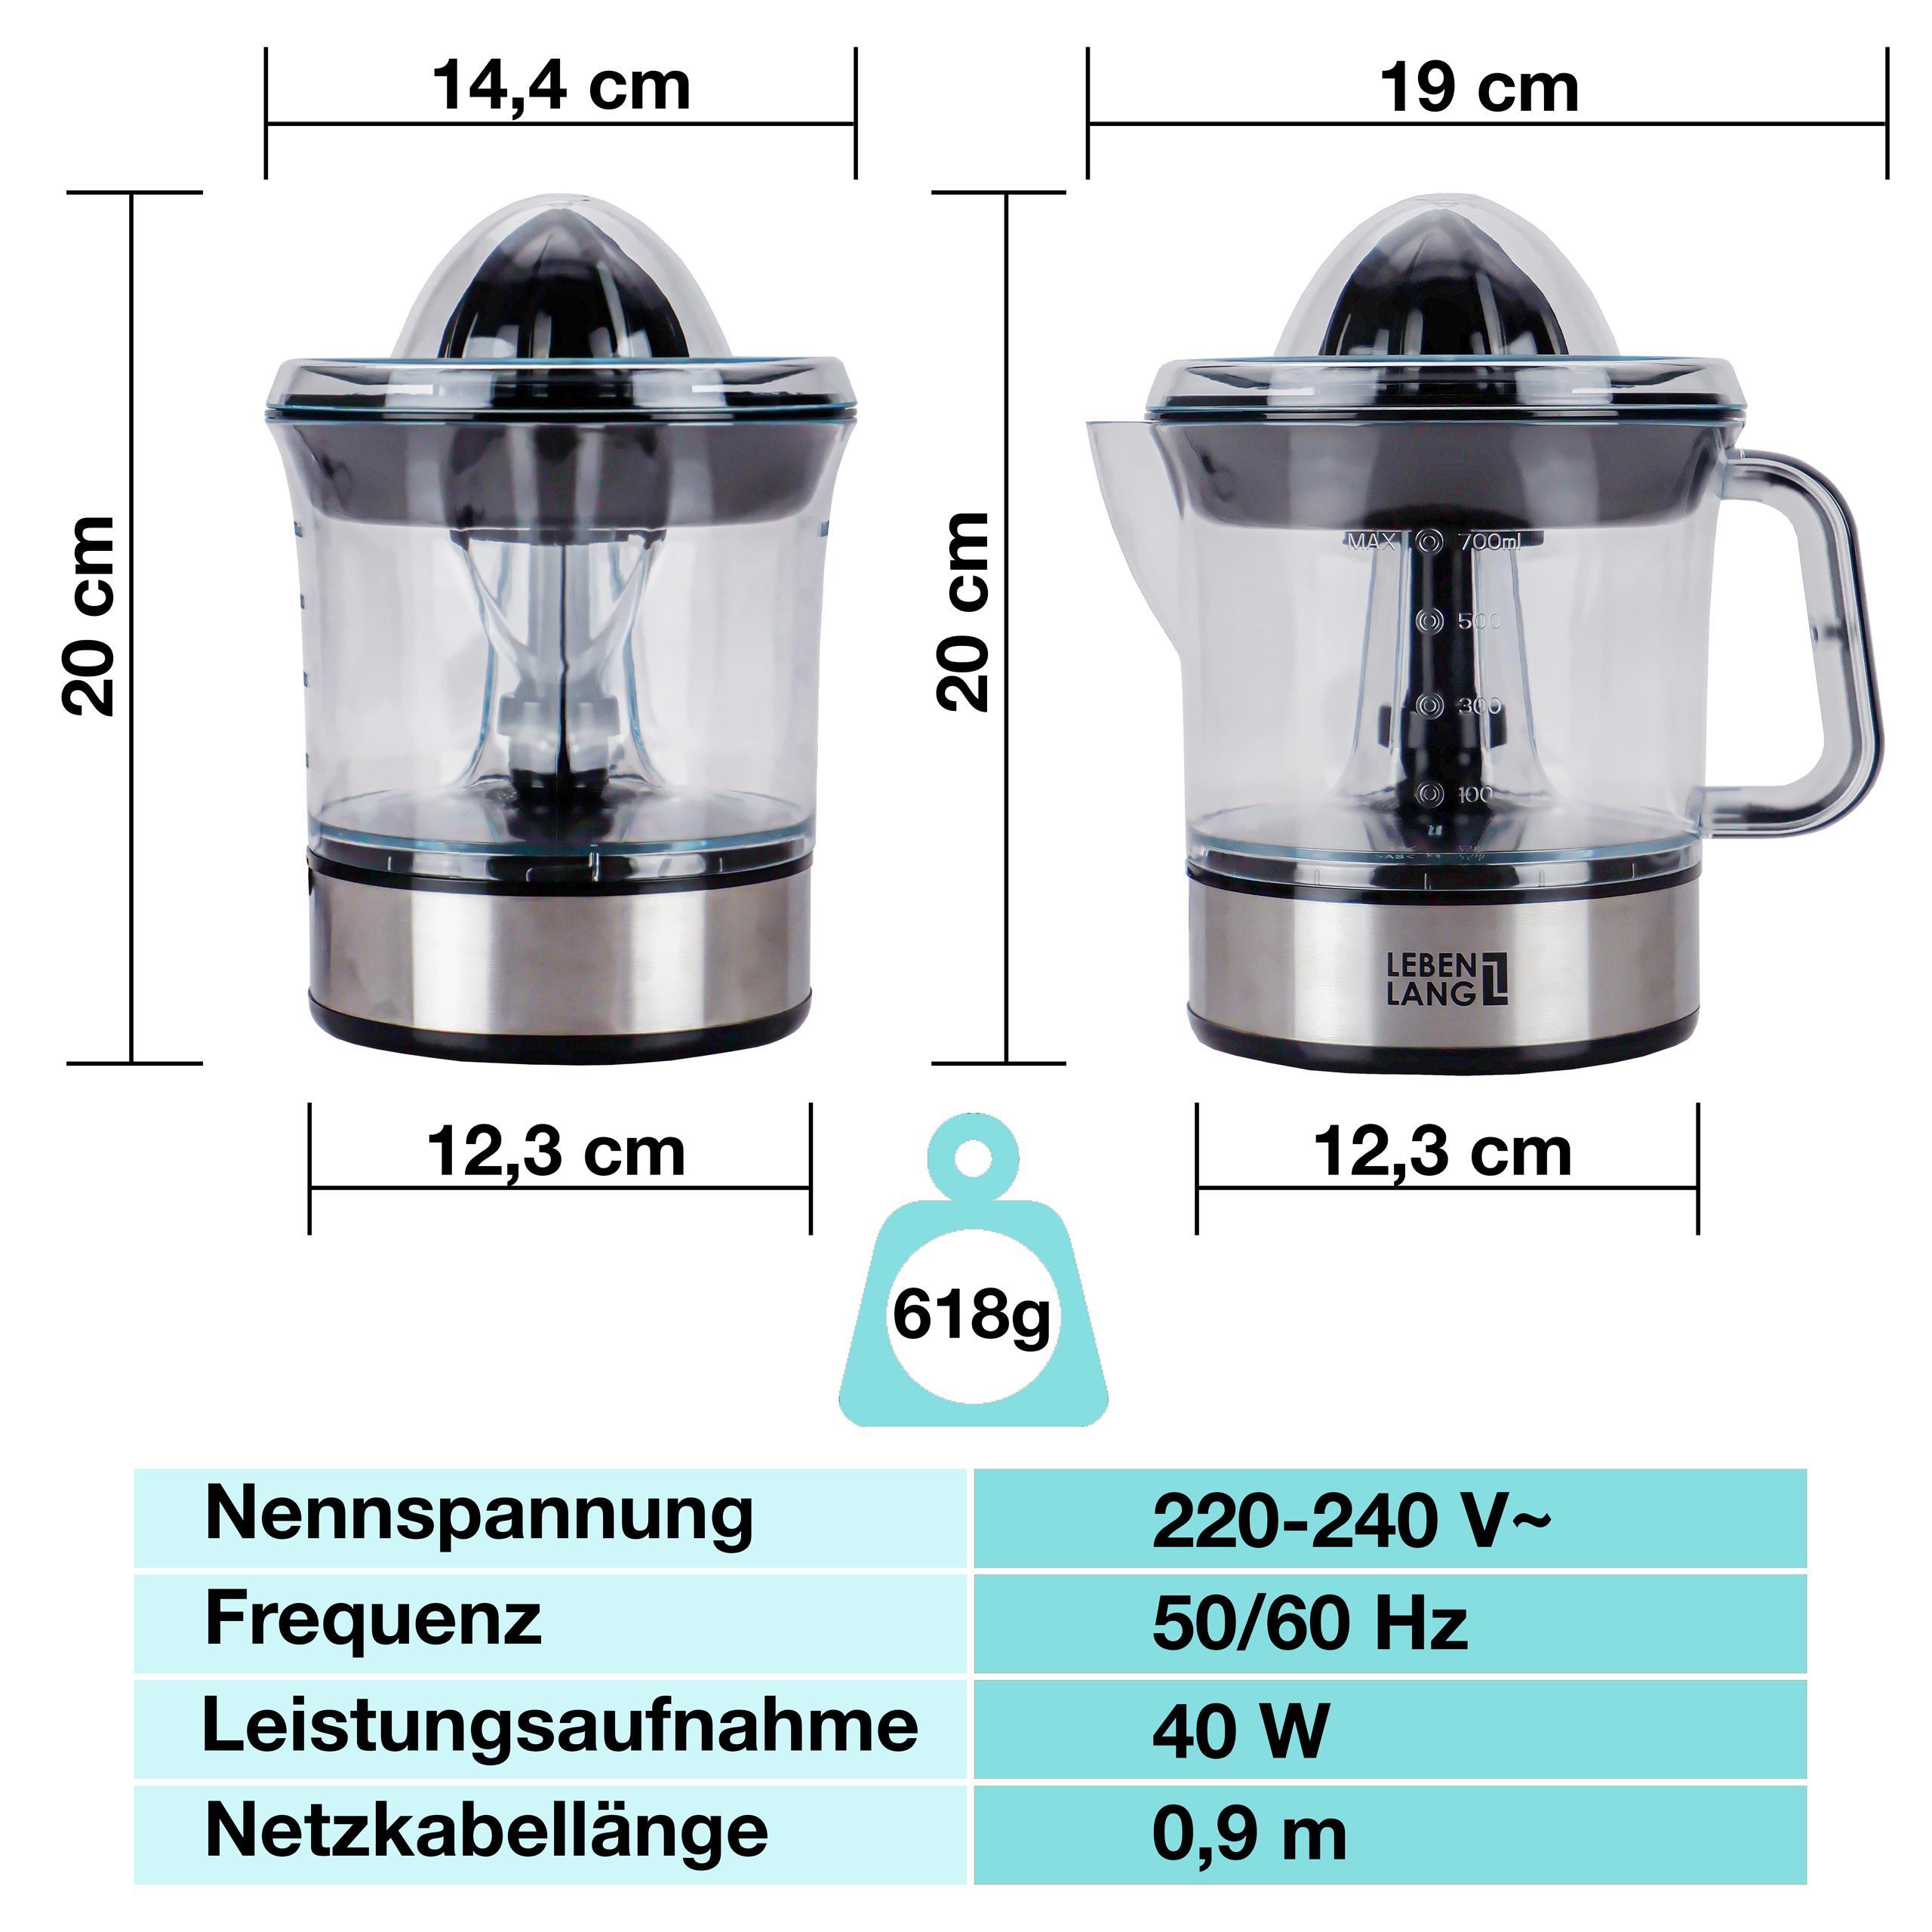 Máy vắt cam 0.7lit LB389 Lebenlang (Hàng nhập khẩu) - Máy vắt cam |  SieuThiChoLon.com